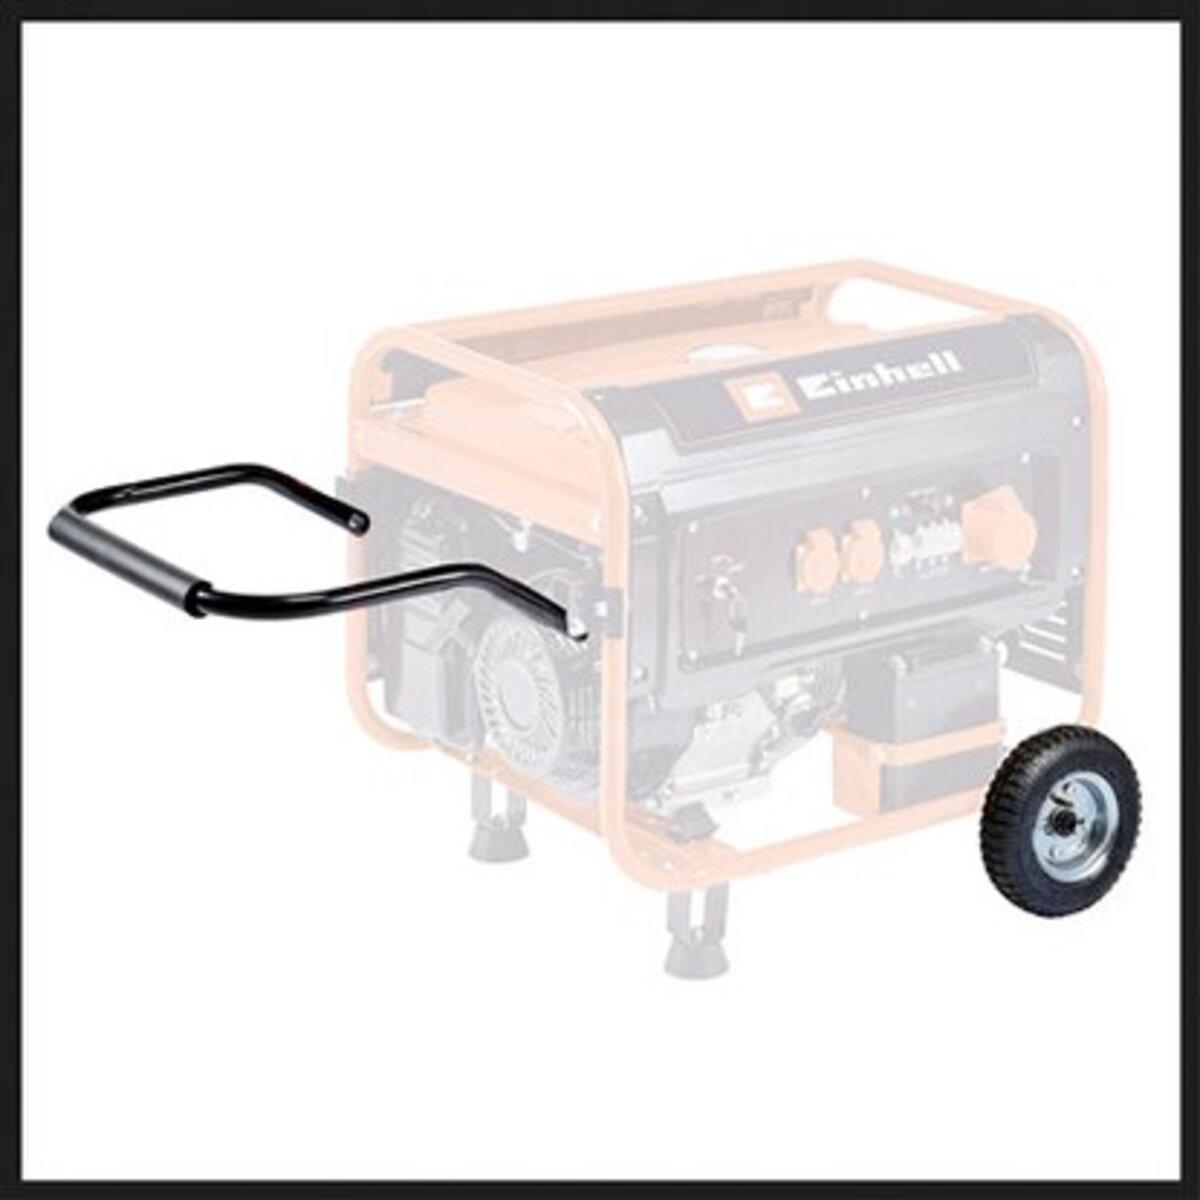 Bild 4 von Einhell Benzin-Stromerzeuger TC-PG 55/E5